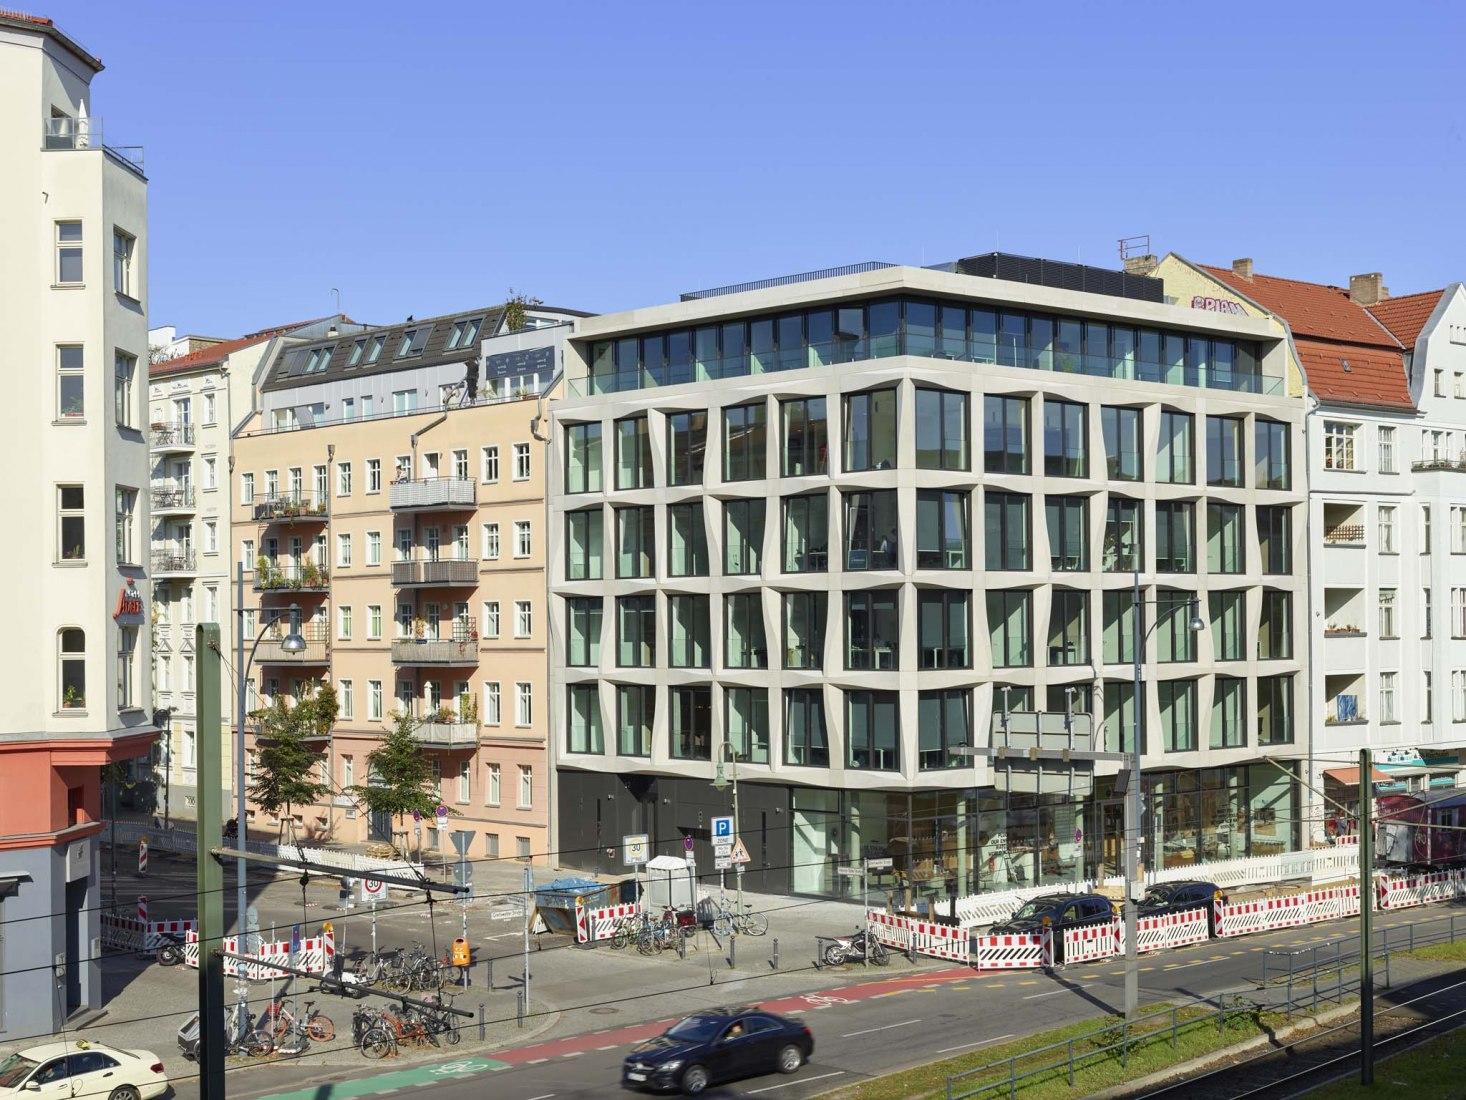 Nueva construcción de un edificio de oficinas por Tchoban Voss Architekten. Fotografía por Roland Halbe.